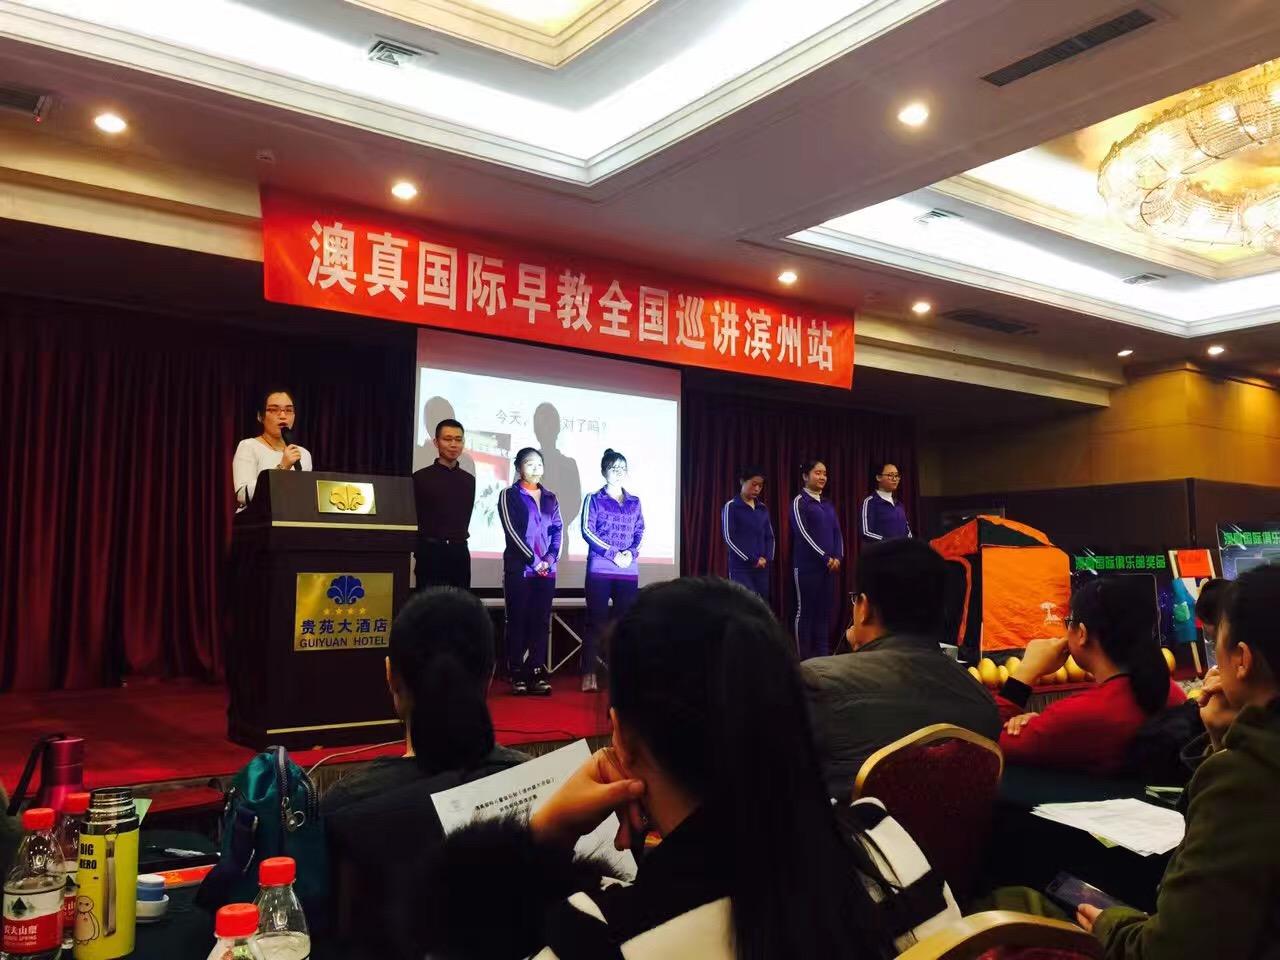 澳真国际早教全国巡讲滨州站火爆开讲!